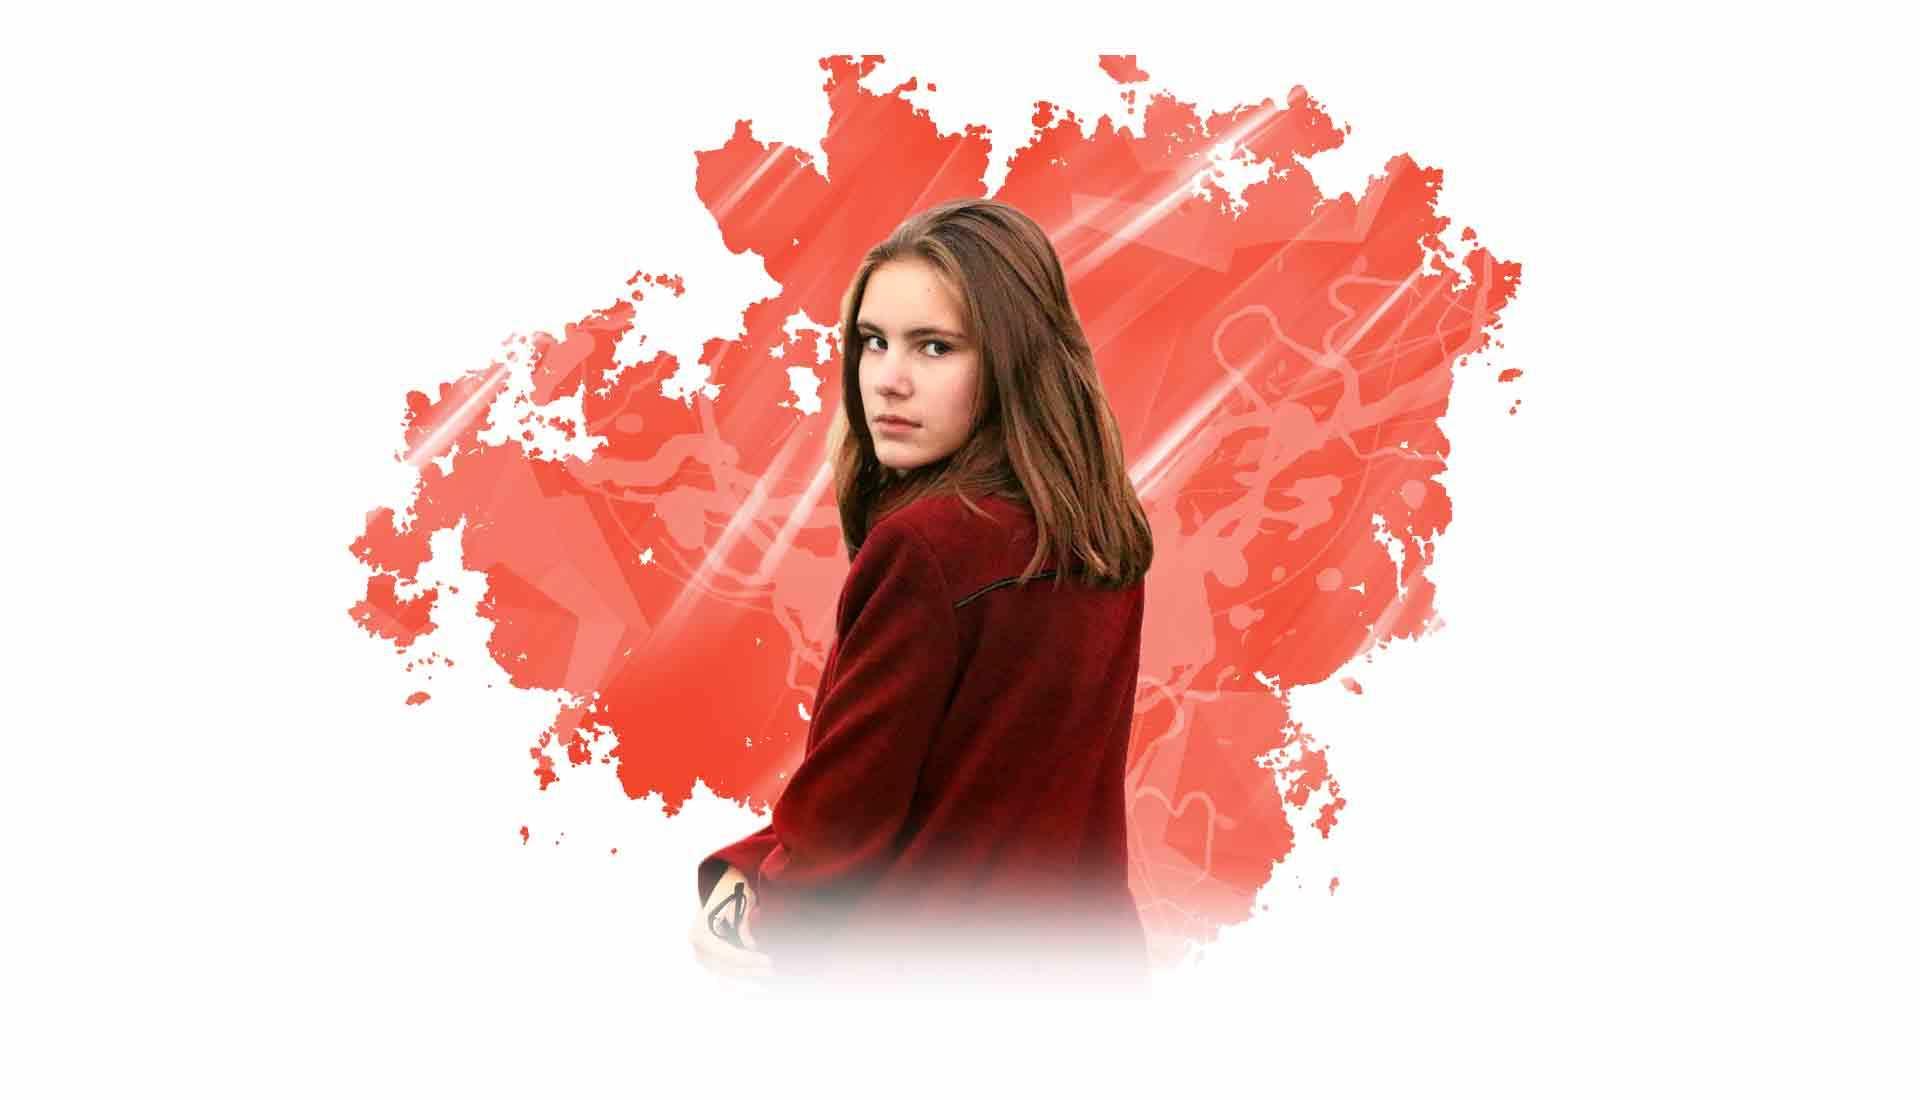 Mädchen mit dem roten Mantel